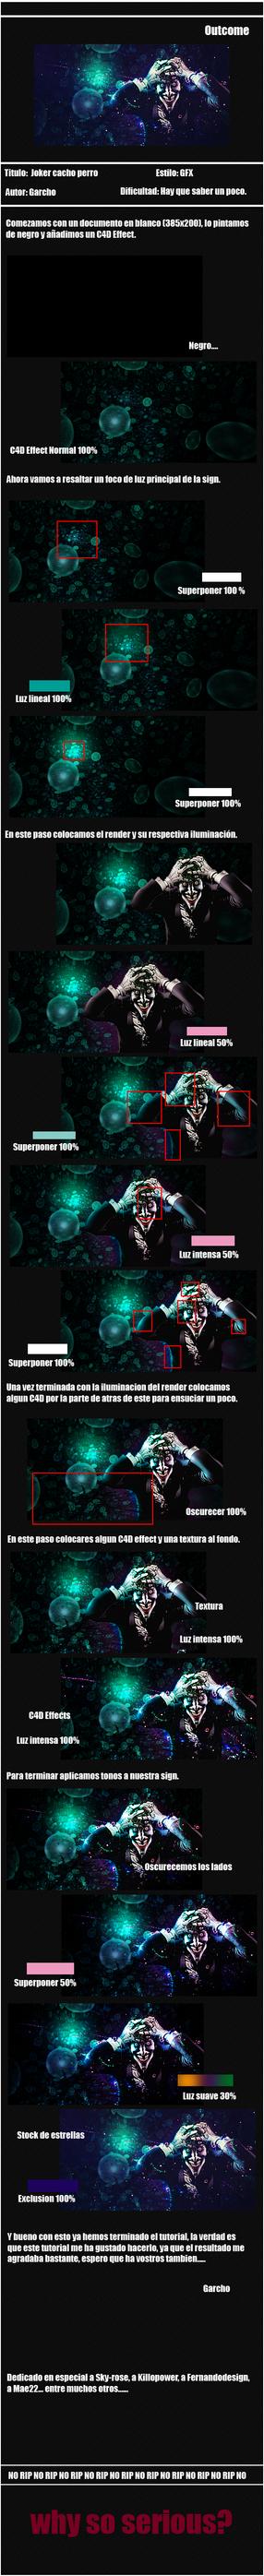 Joker cacho perro by Garcho